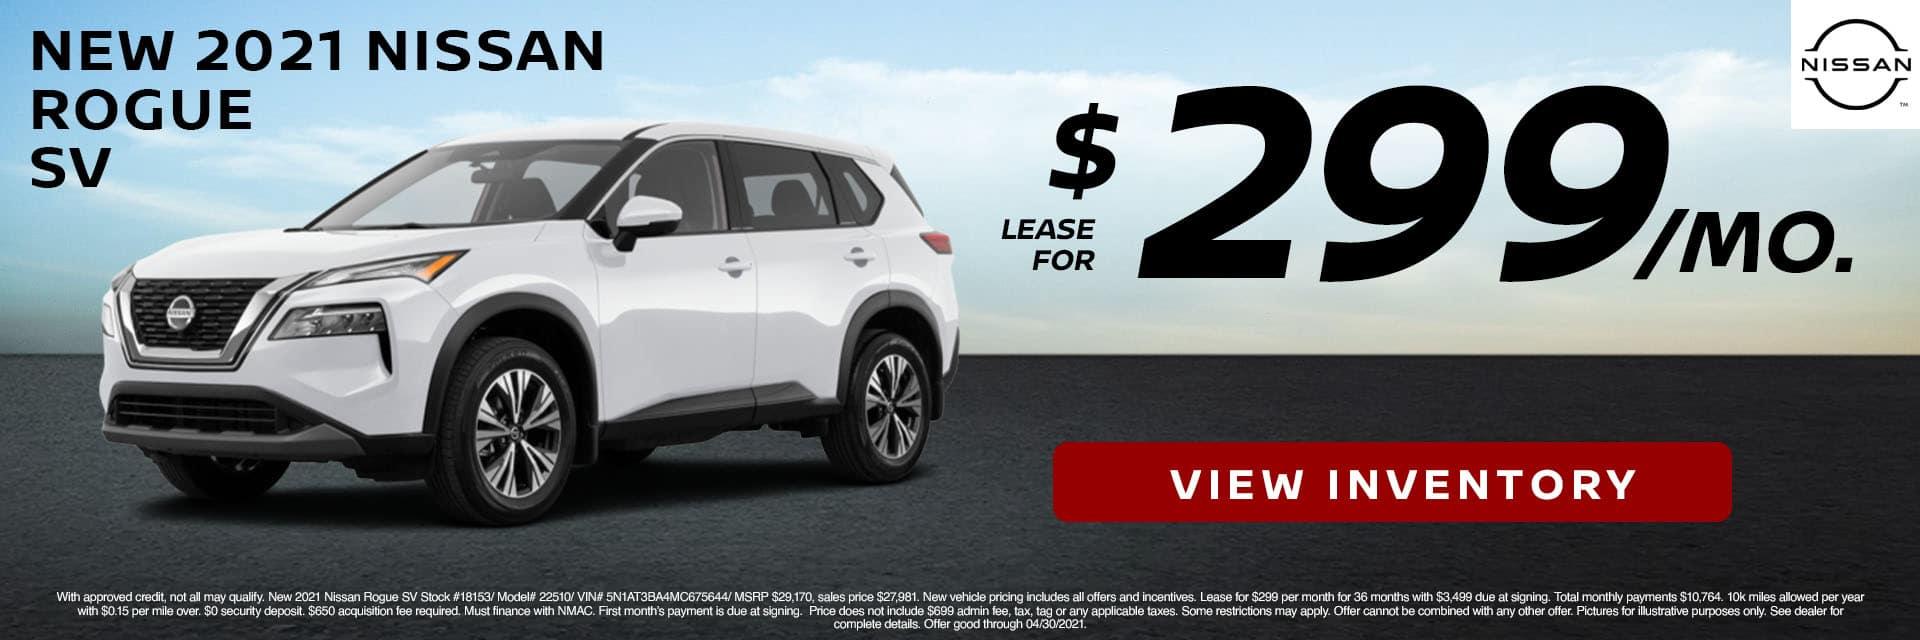 CNSN-April 2021-2021 Nissan Rogue